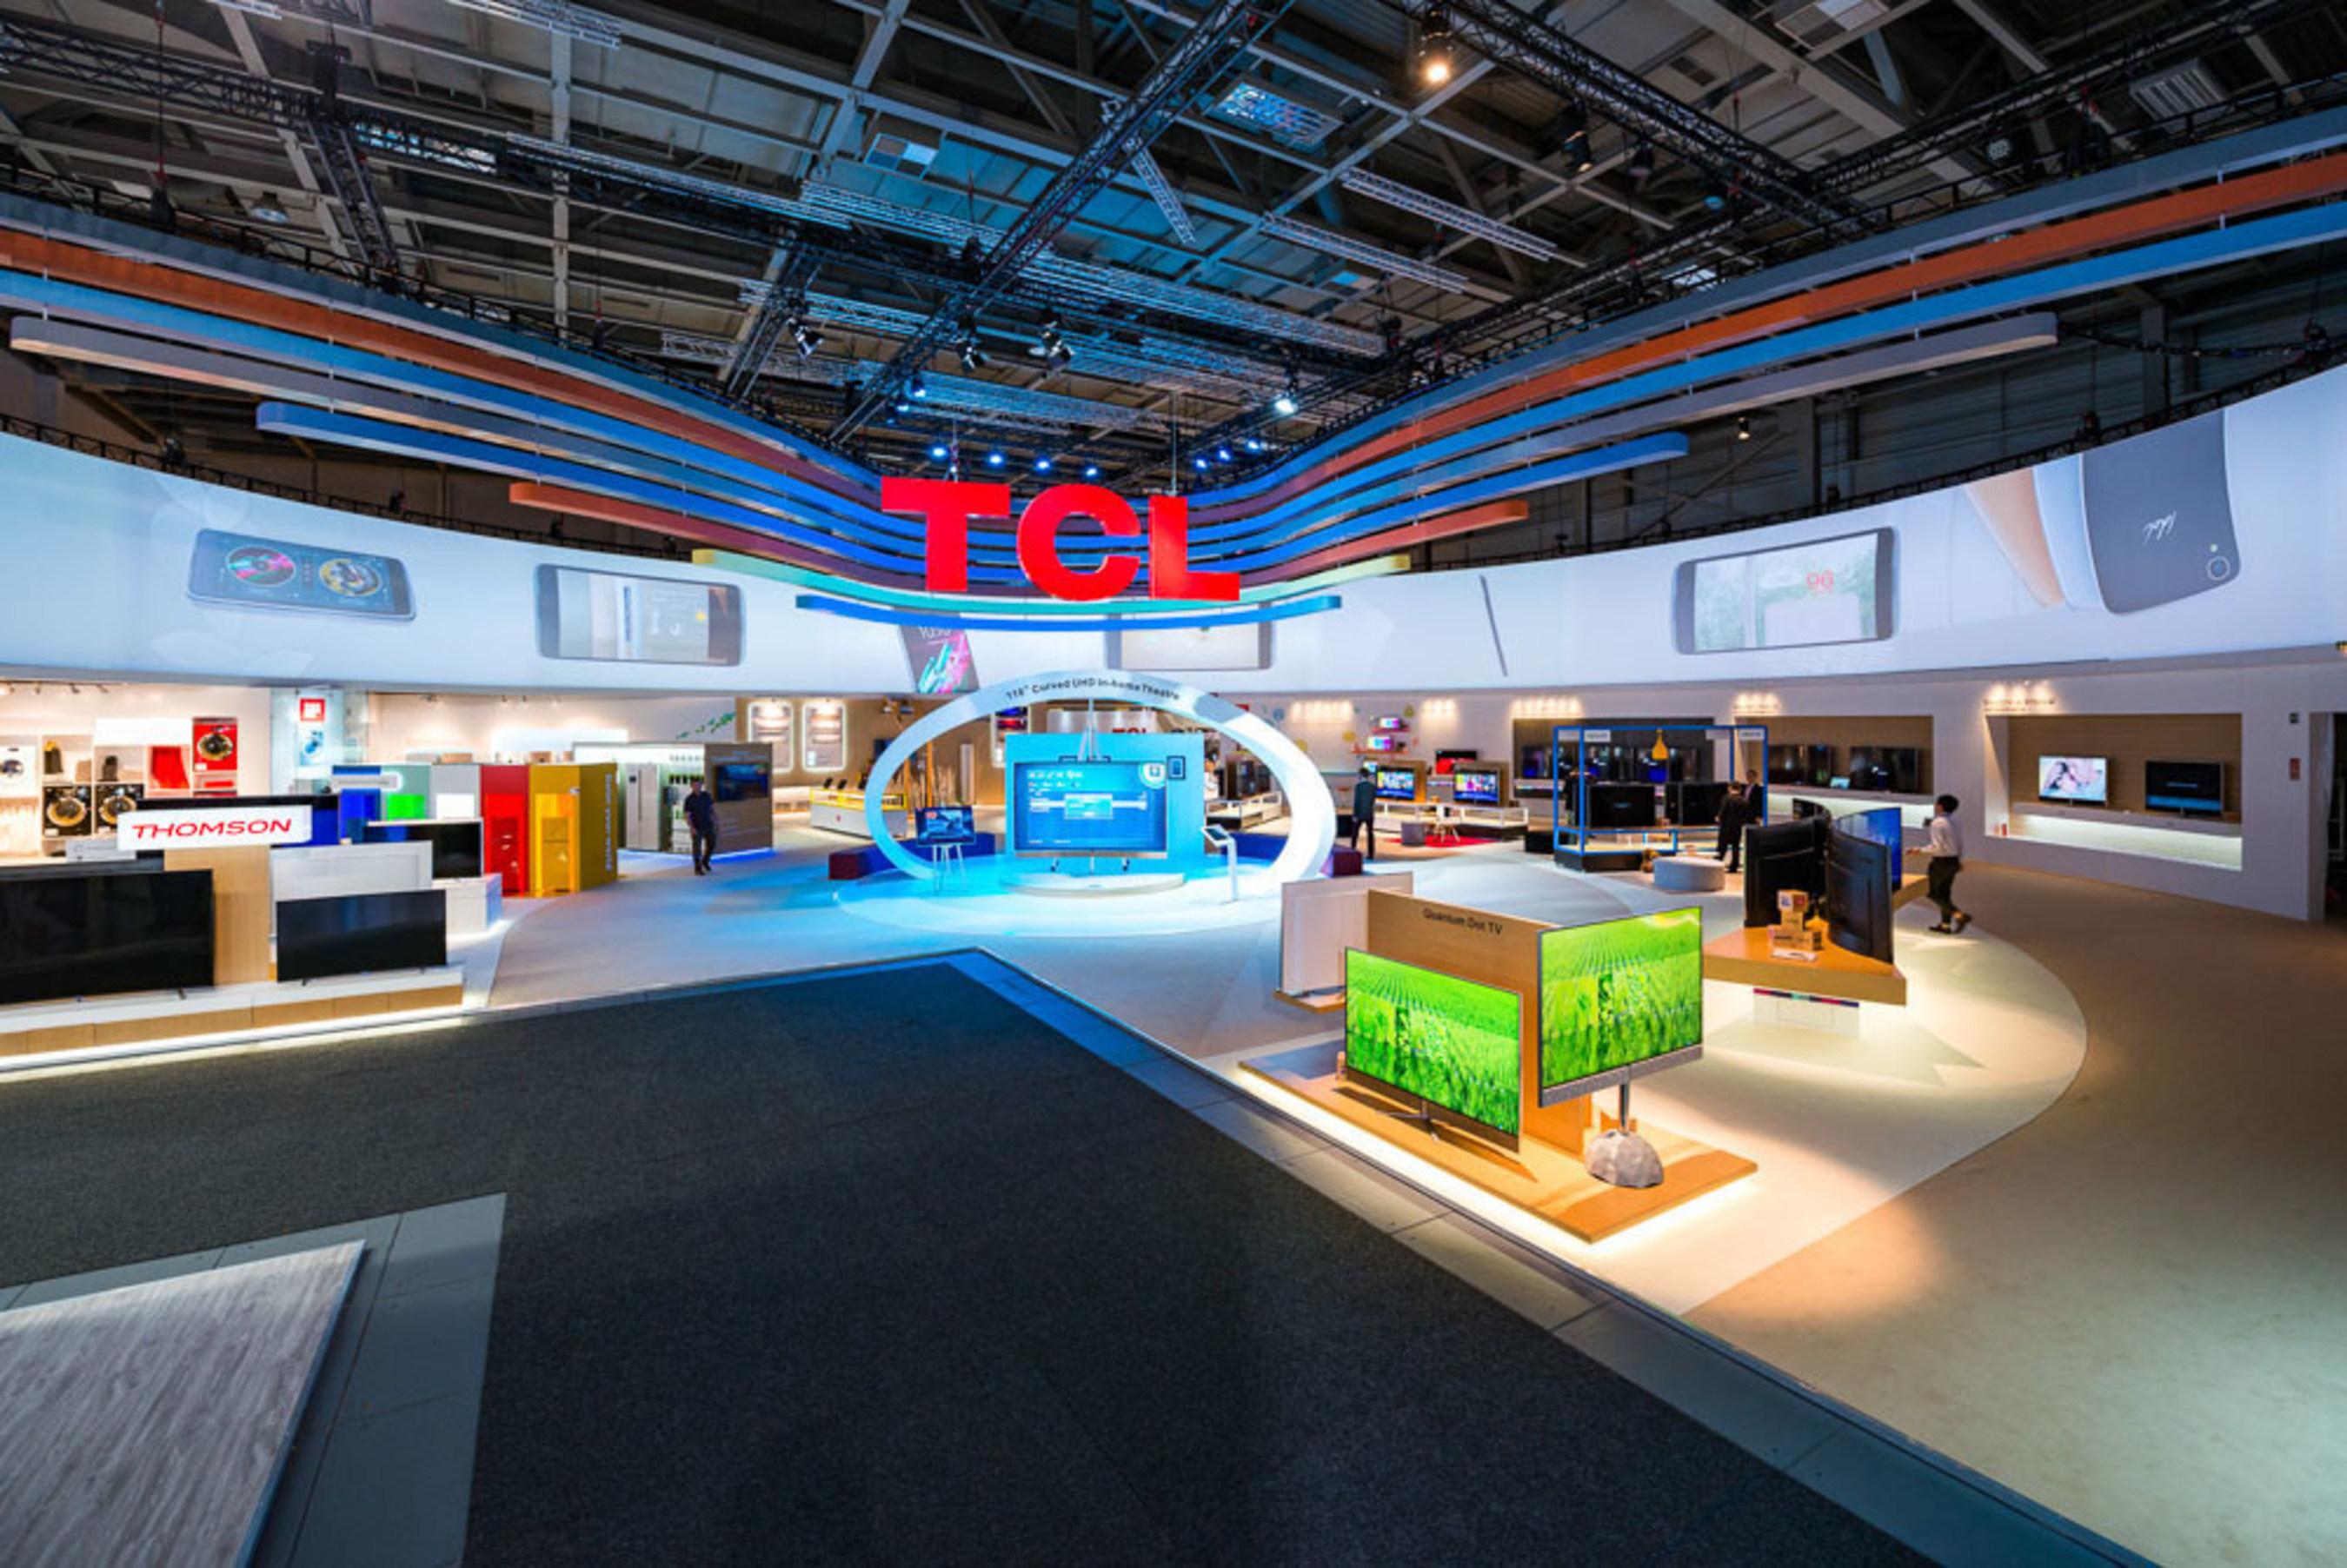 TCL met en vedette sa gamme complète de produits intelligents à l'IFA